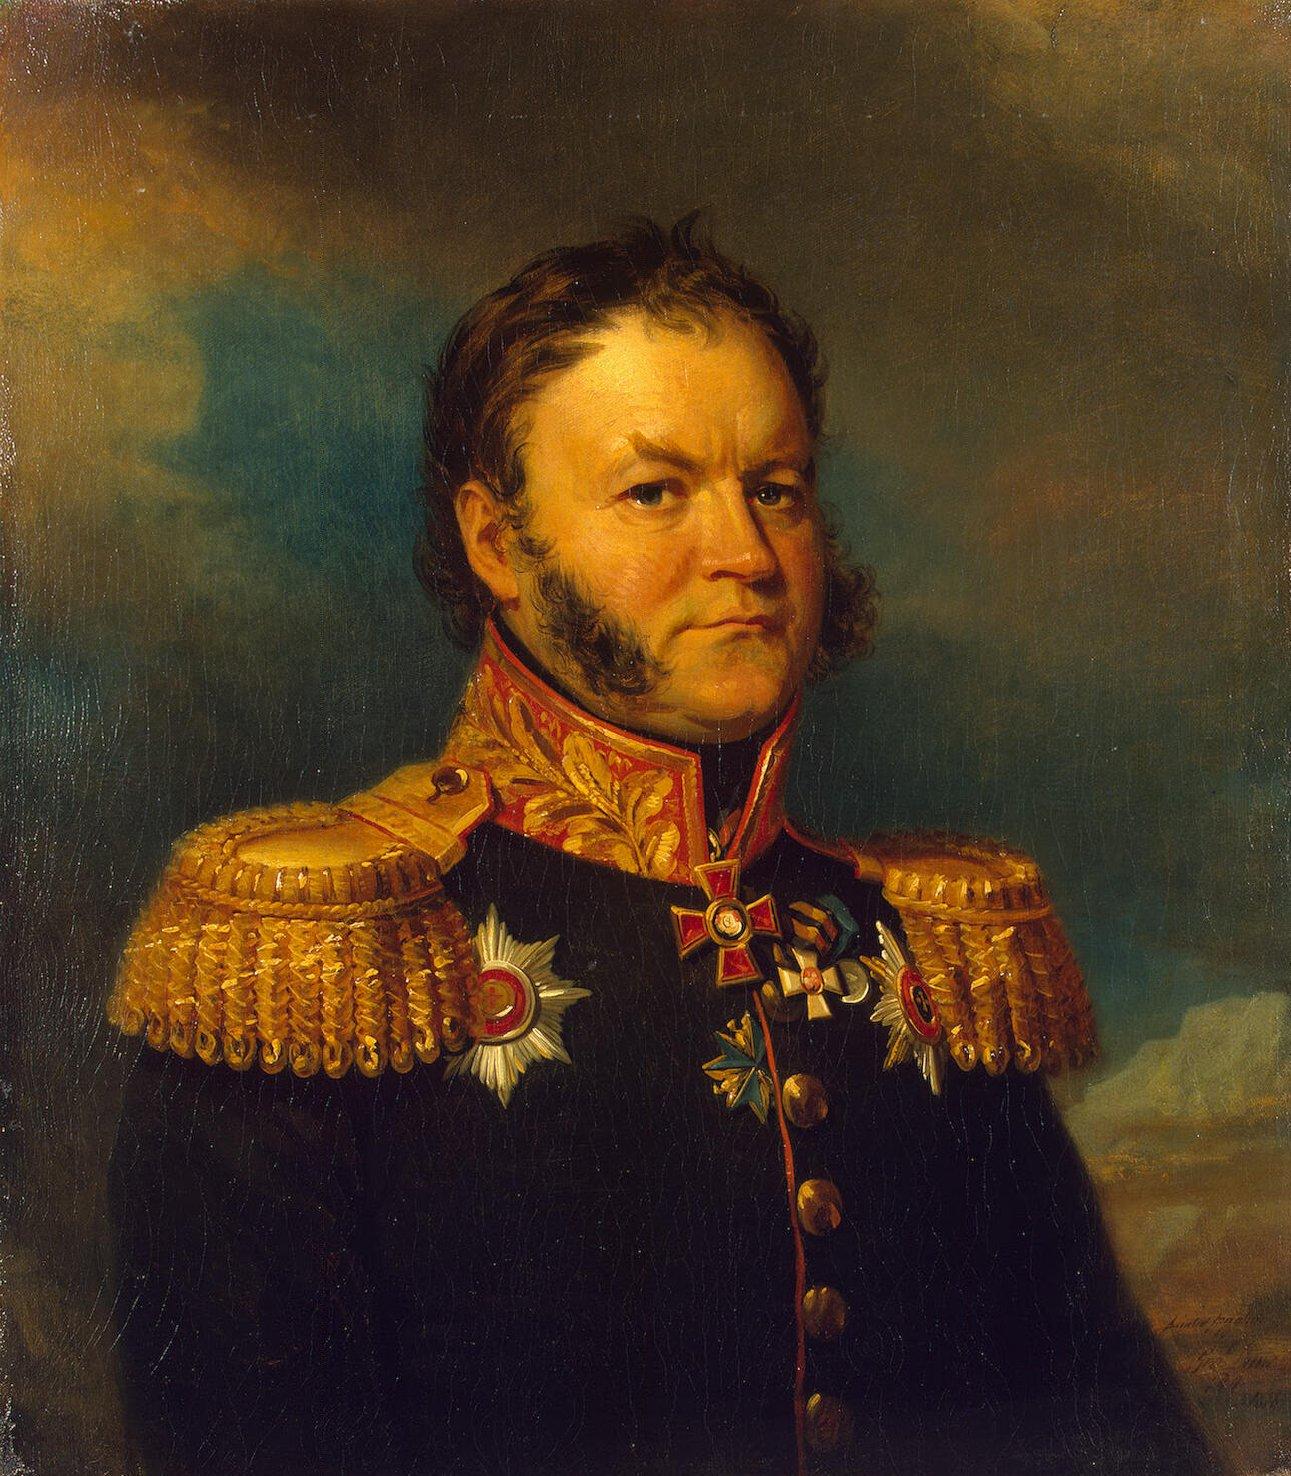 Вельяминов, Иван Александрович